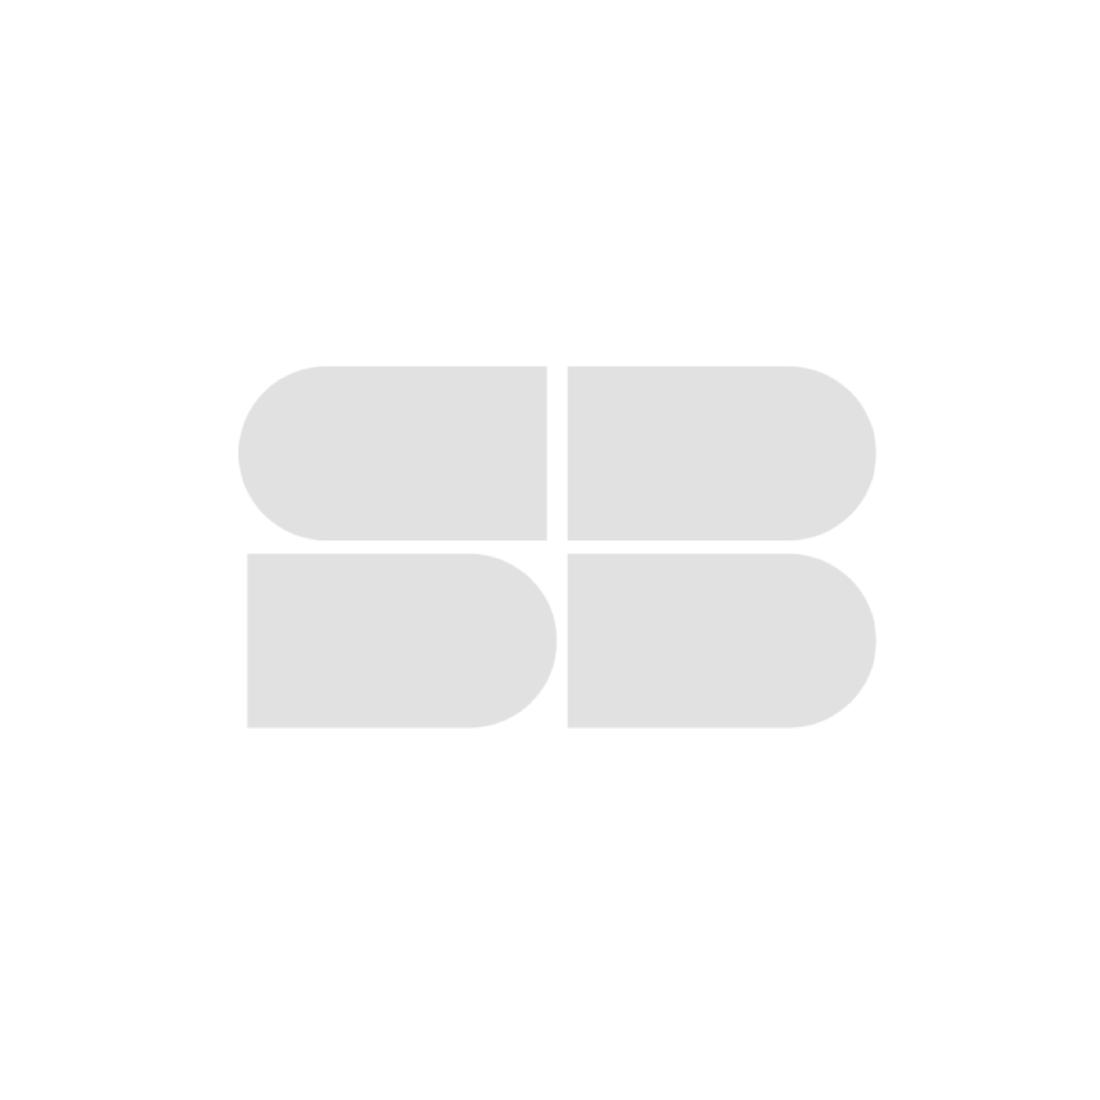 39013188-mattress-bedding-mattresses-latex-mattresses-31